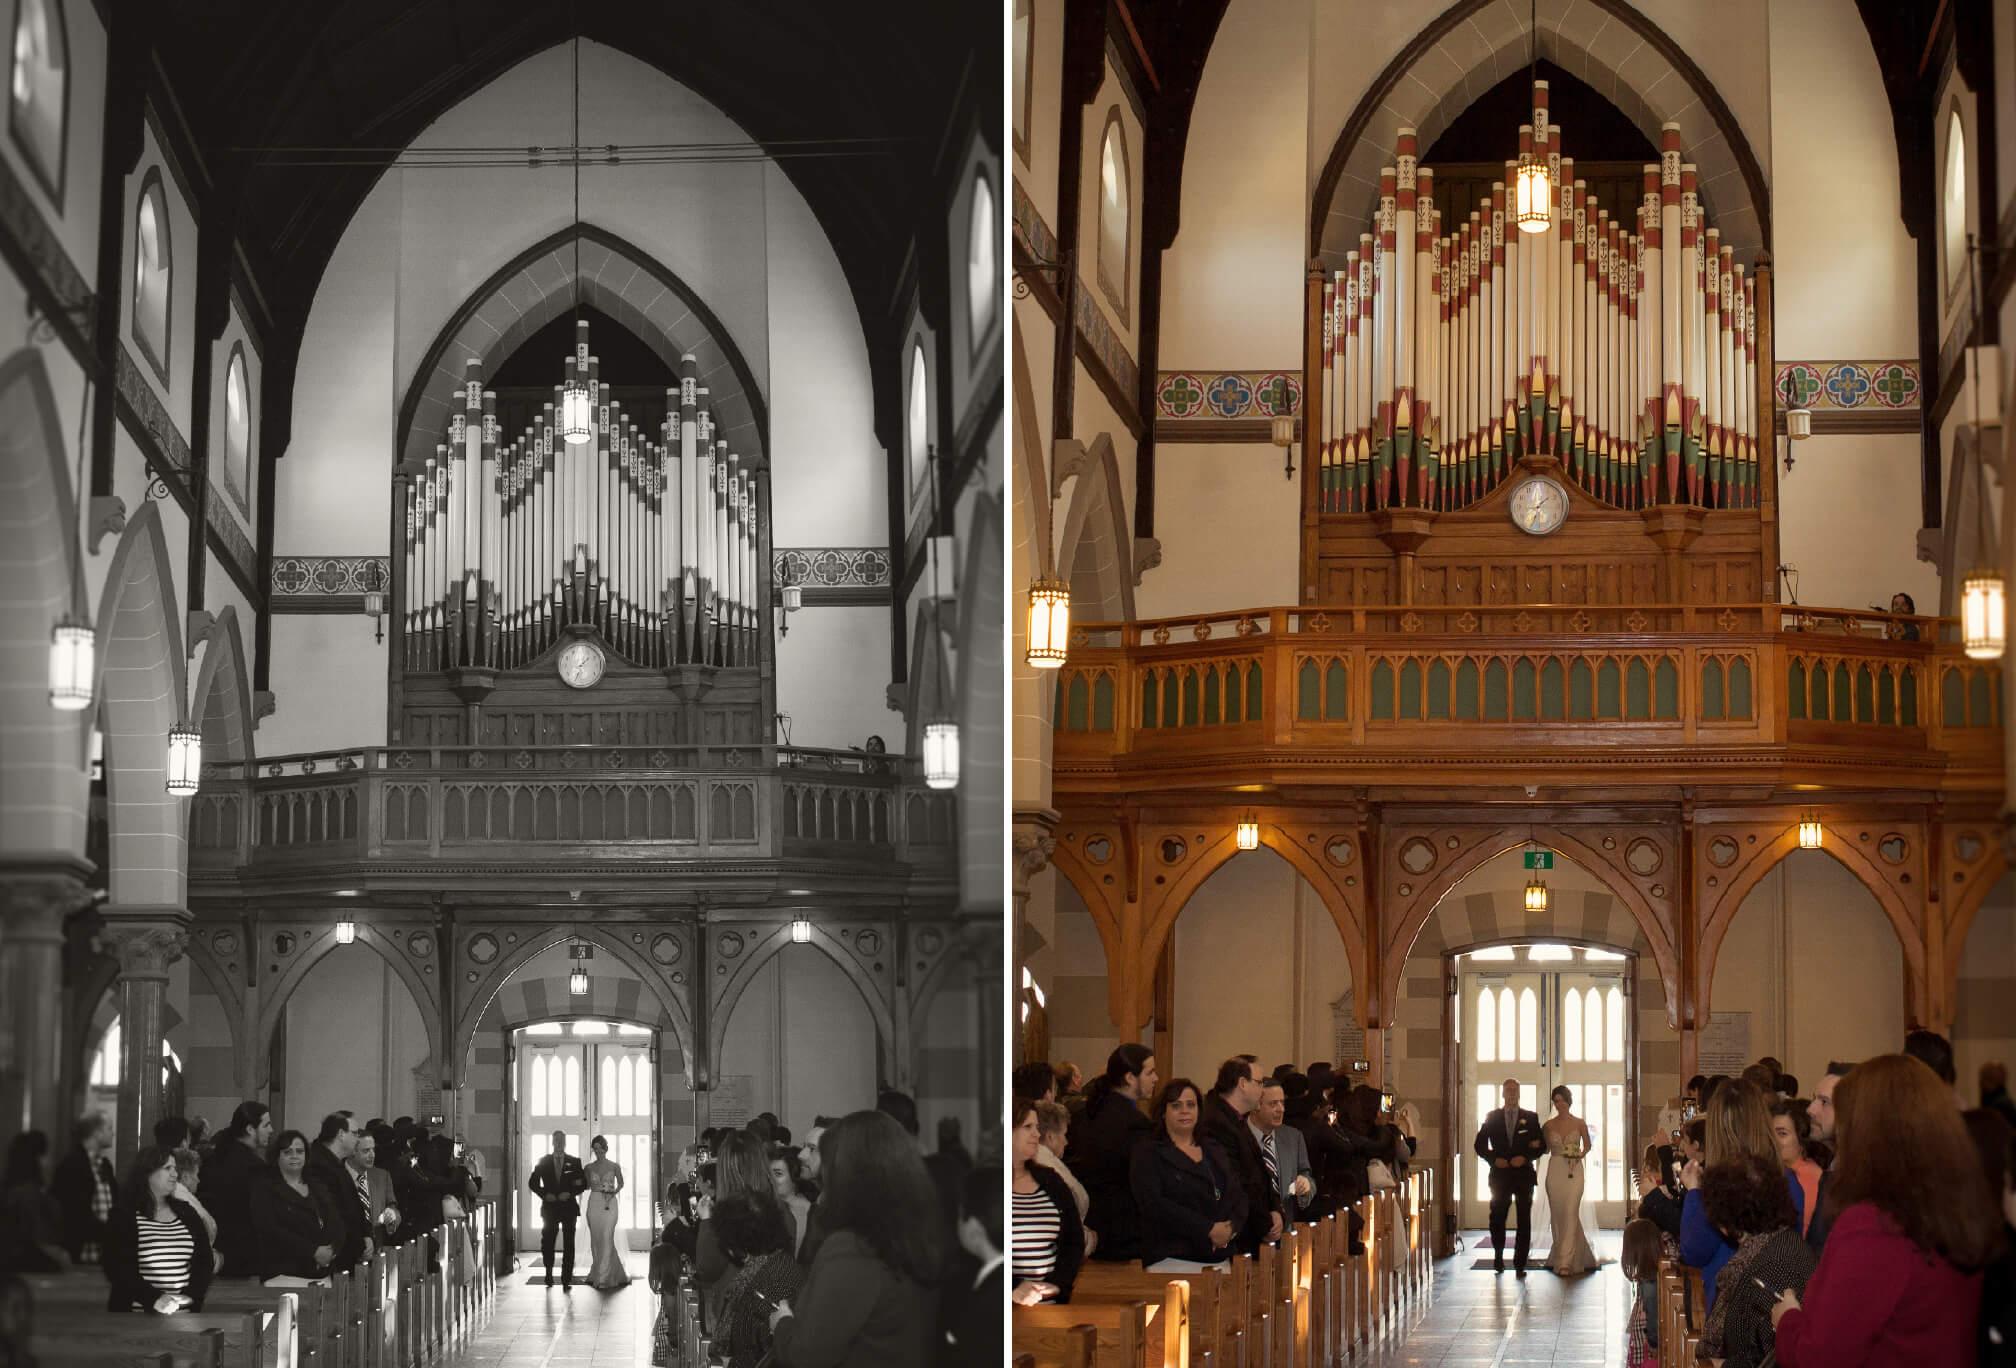 st mary's church toronto